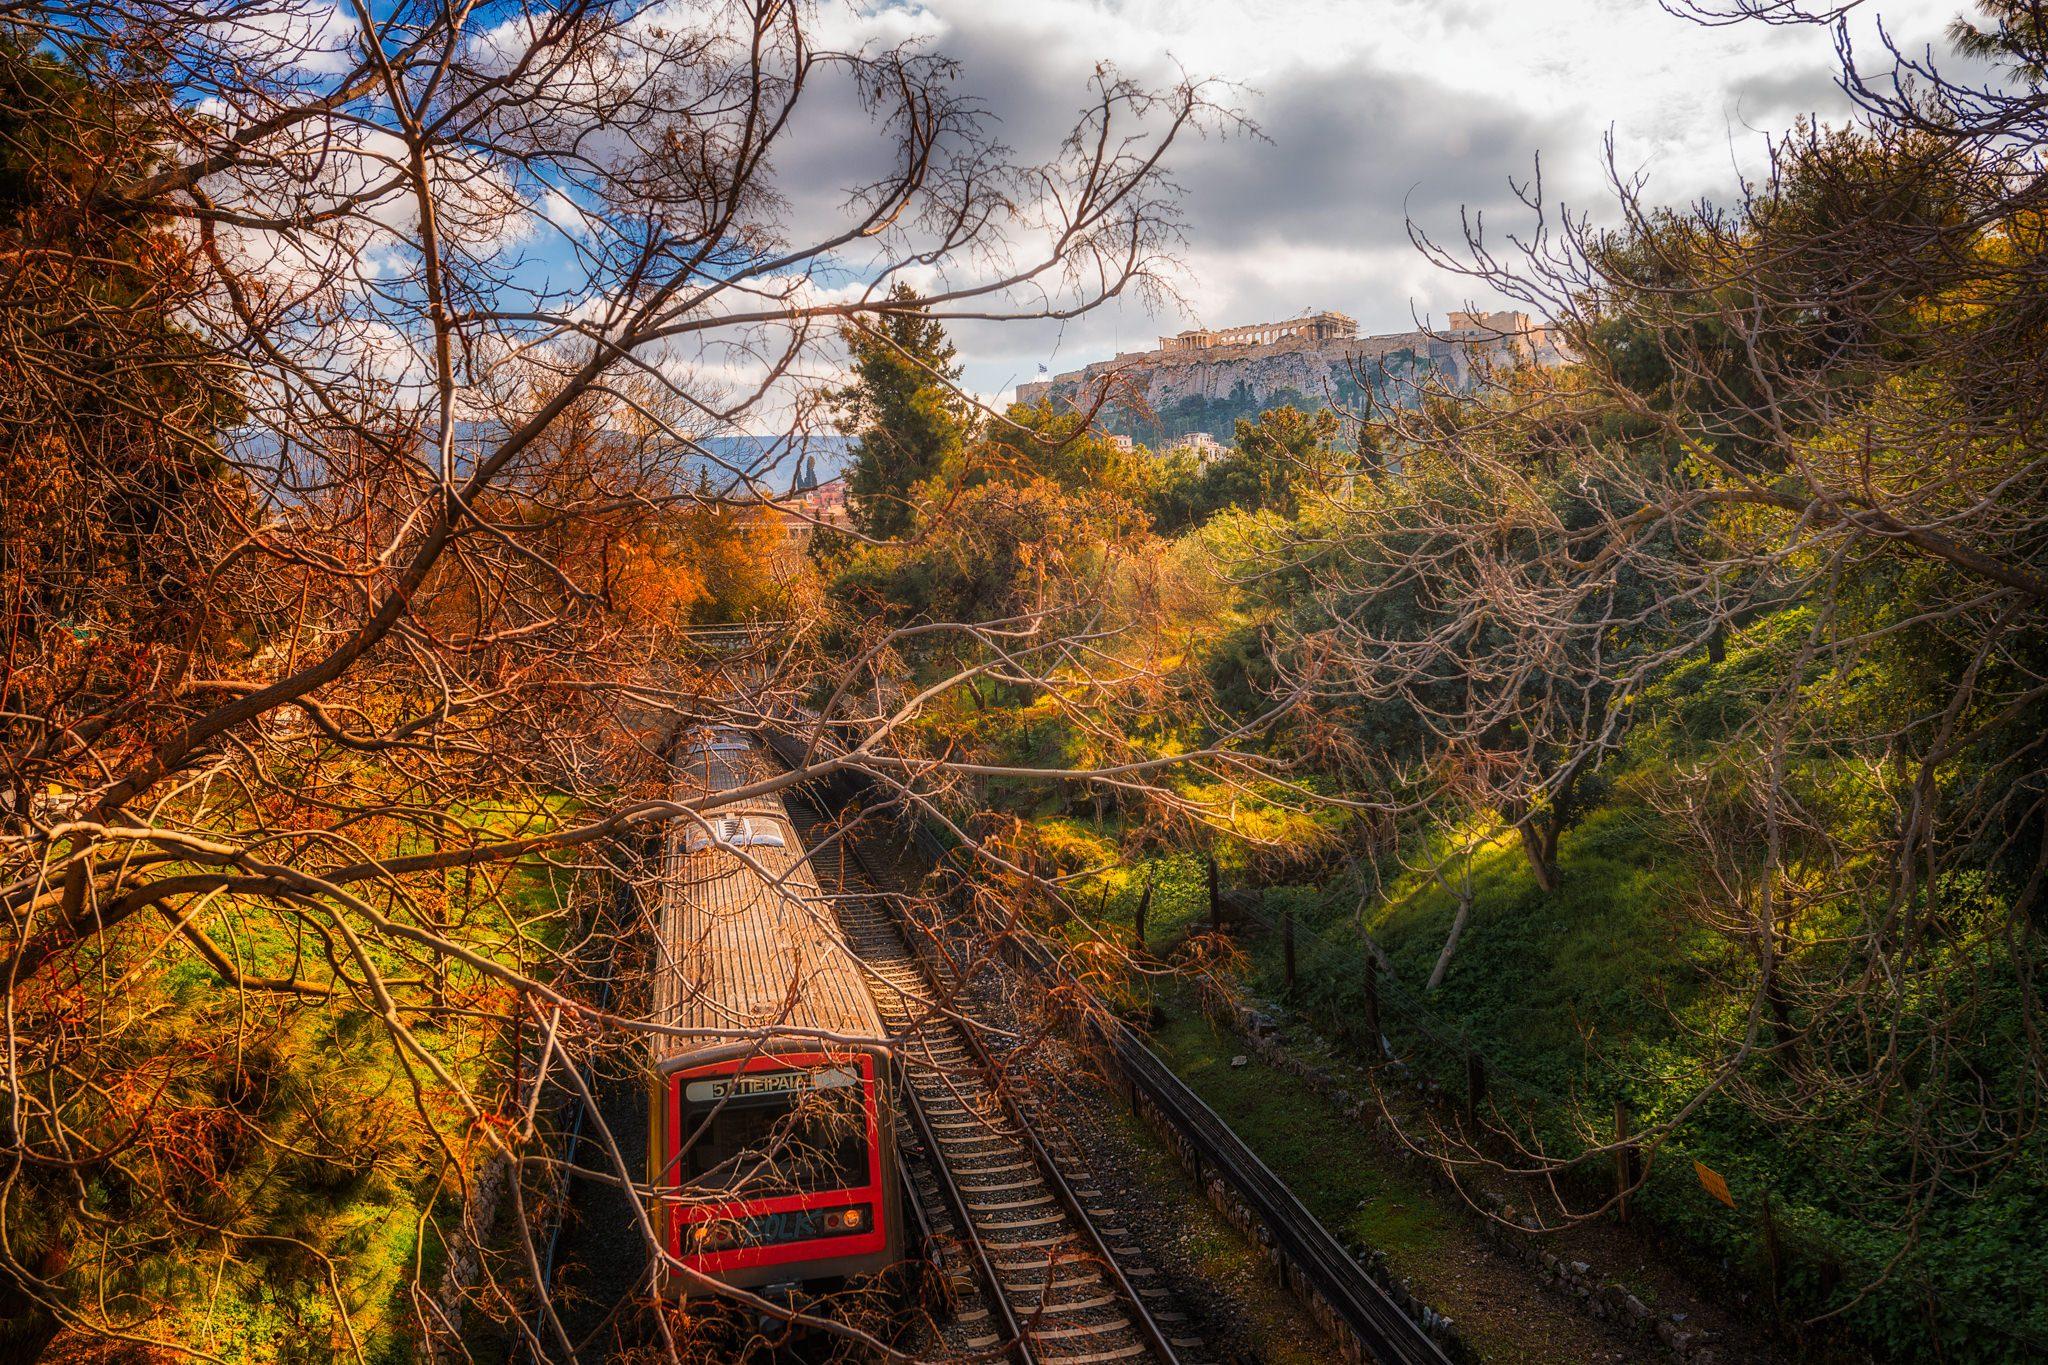 Ein Foto der modernen Athener Metro, wie sie durch den Archäologischen Park der Stadt fährt